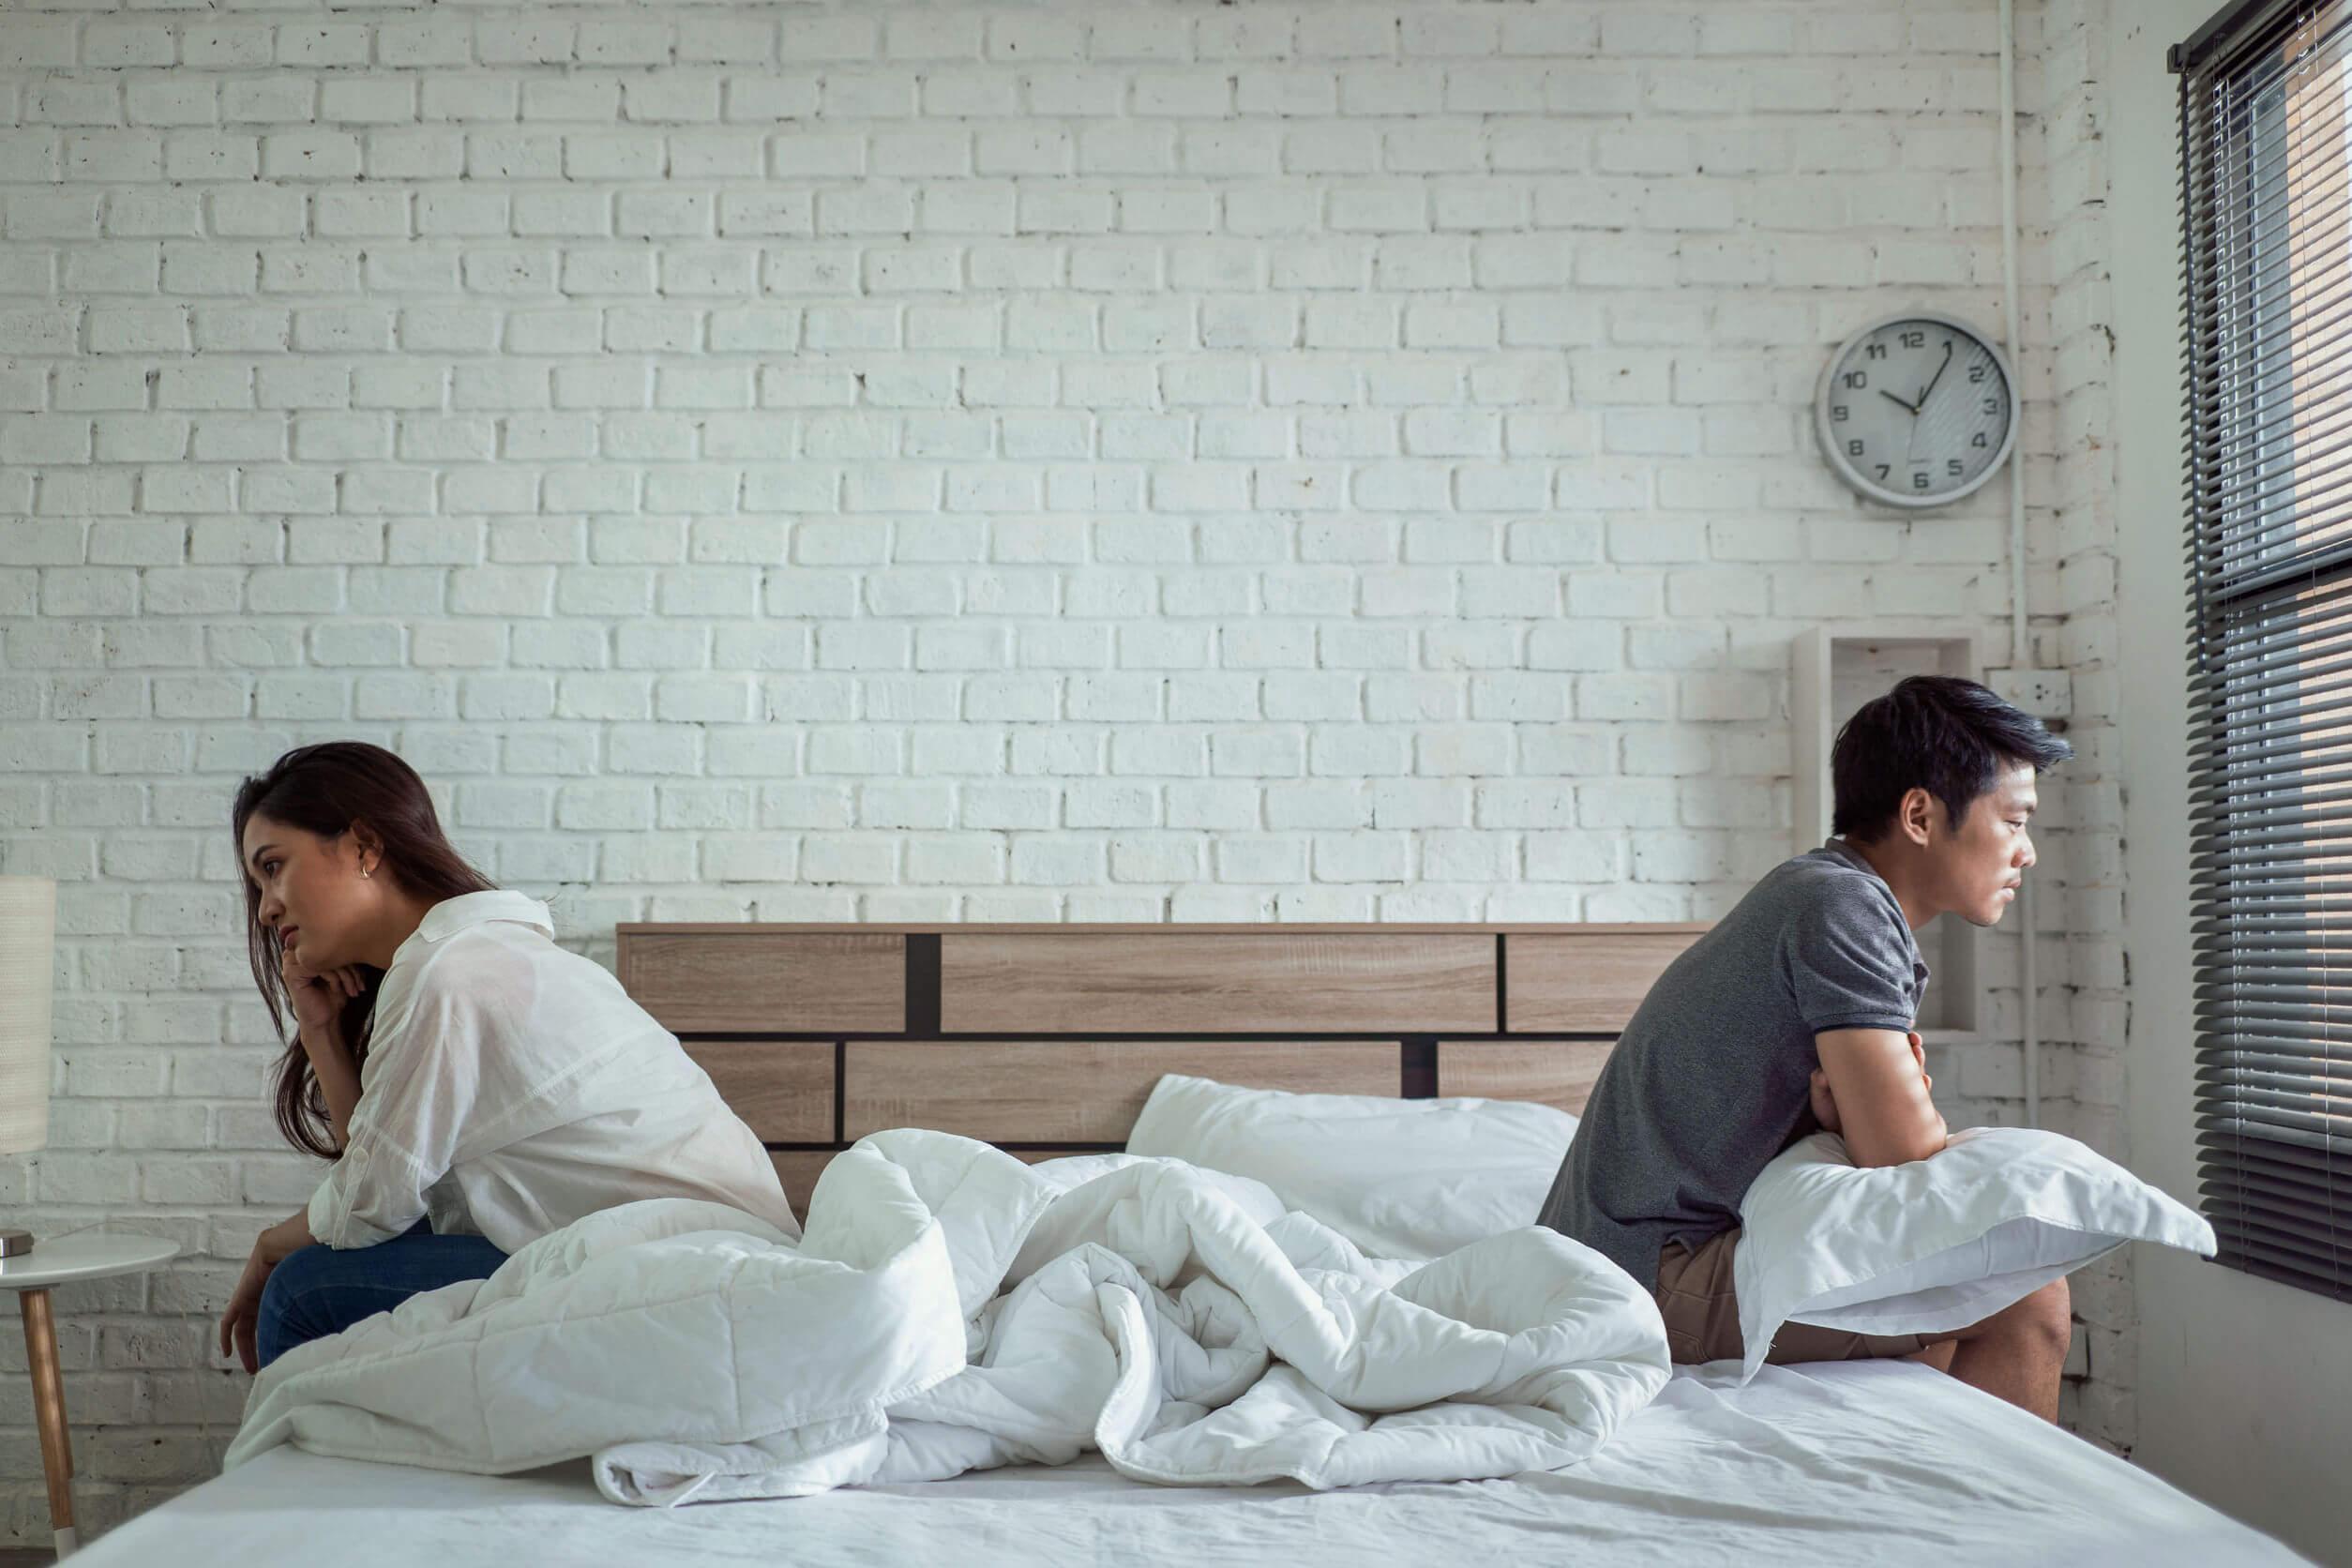 Os mitos sobre o amor incluem a aceitação das diferenças.